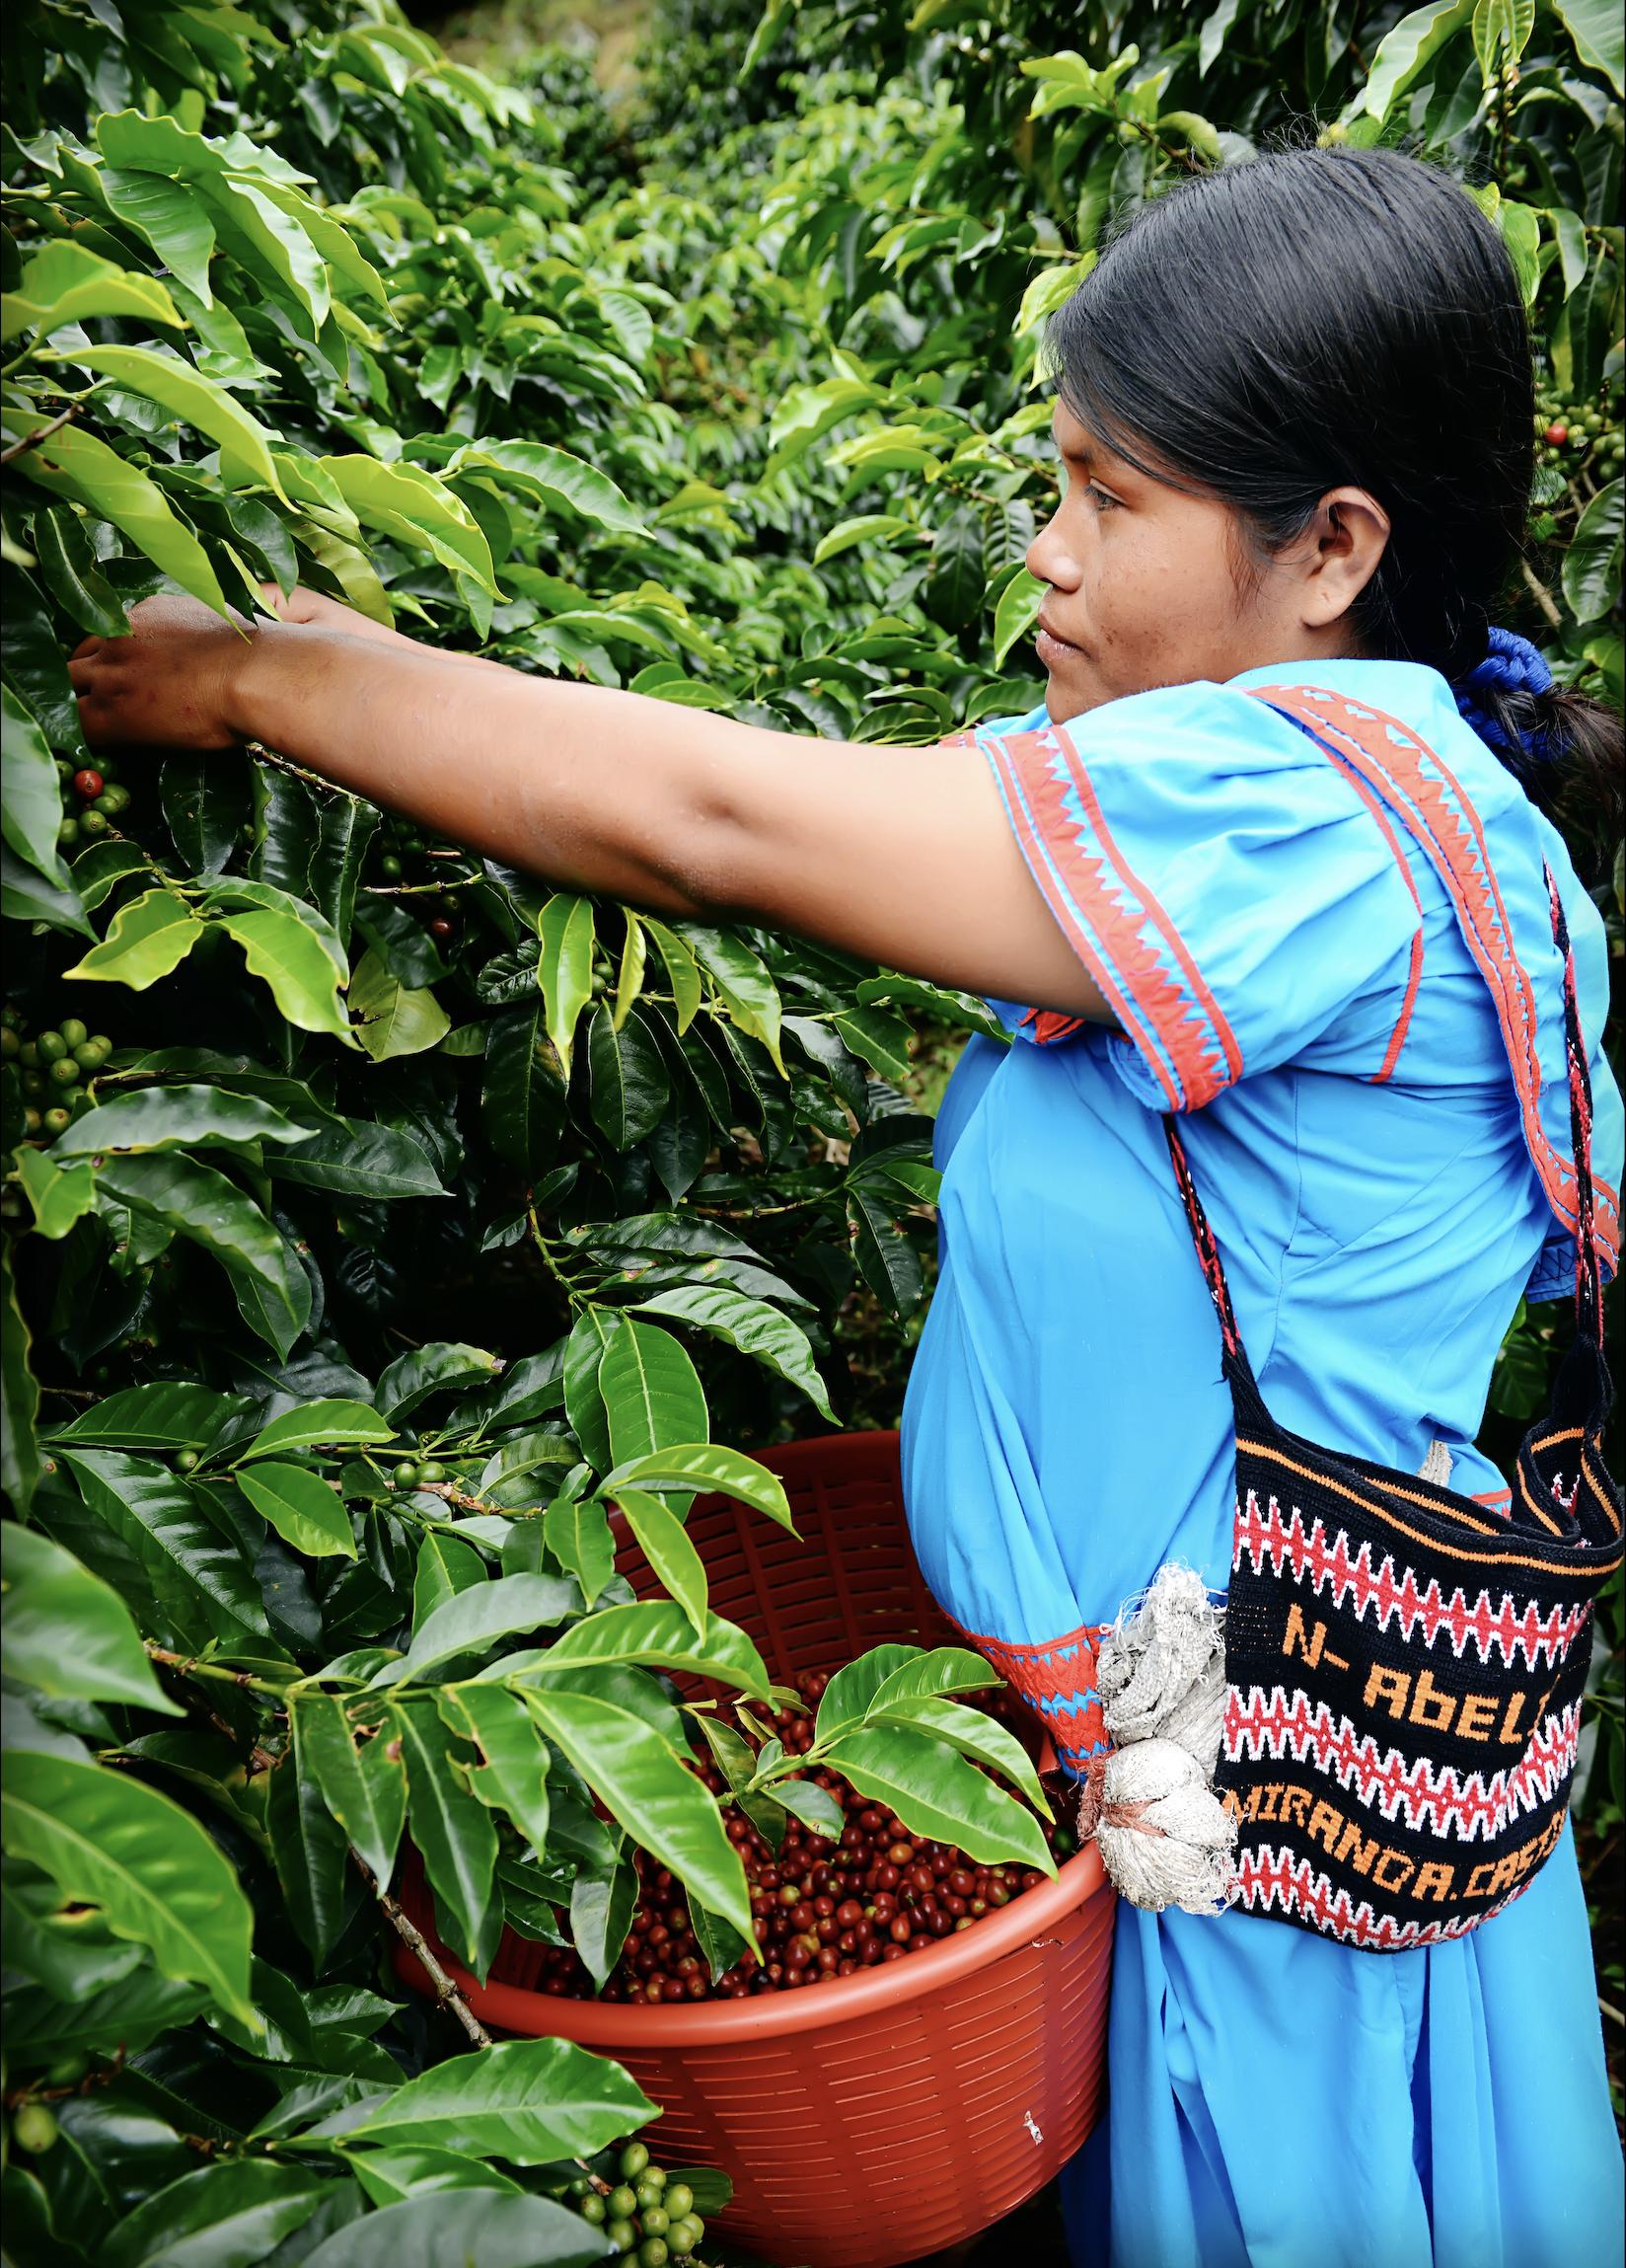 コーヒー農園で作業をするノベ・ブグレ族の少女